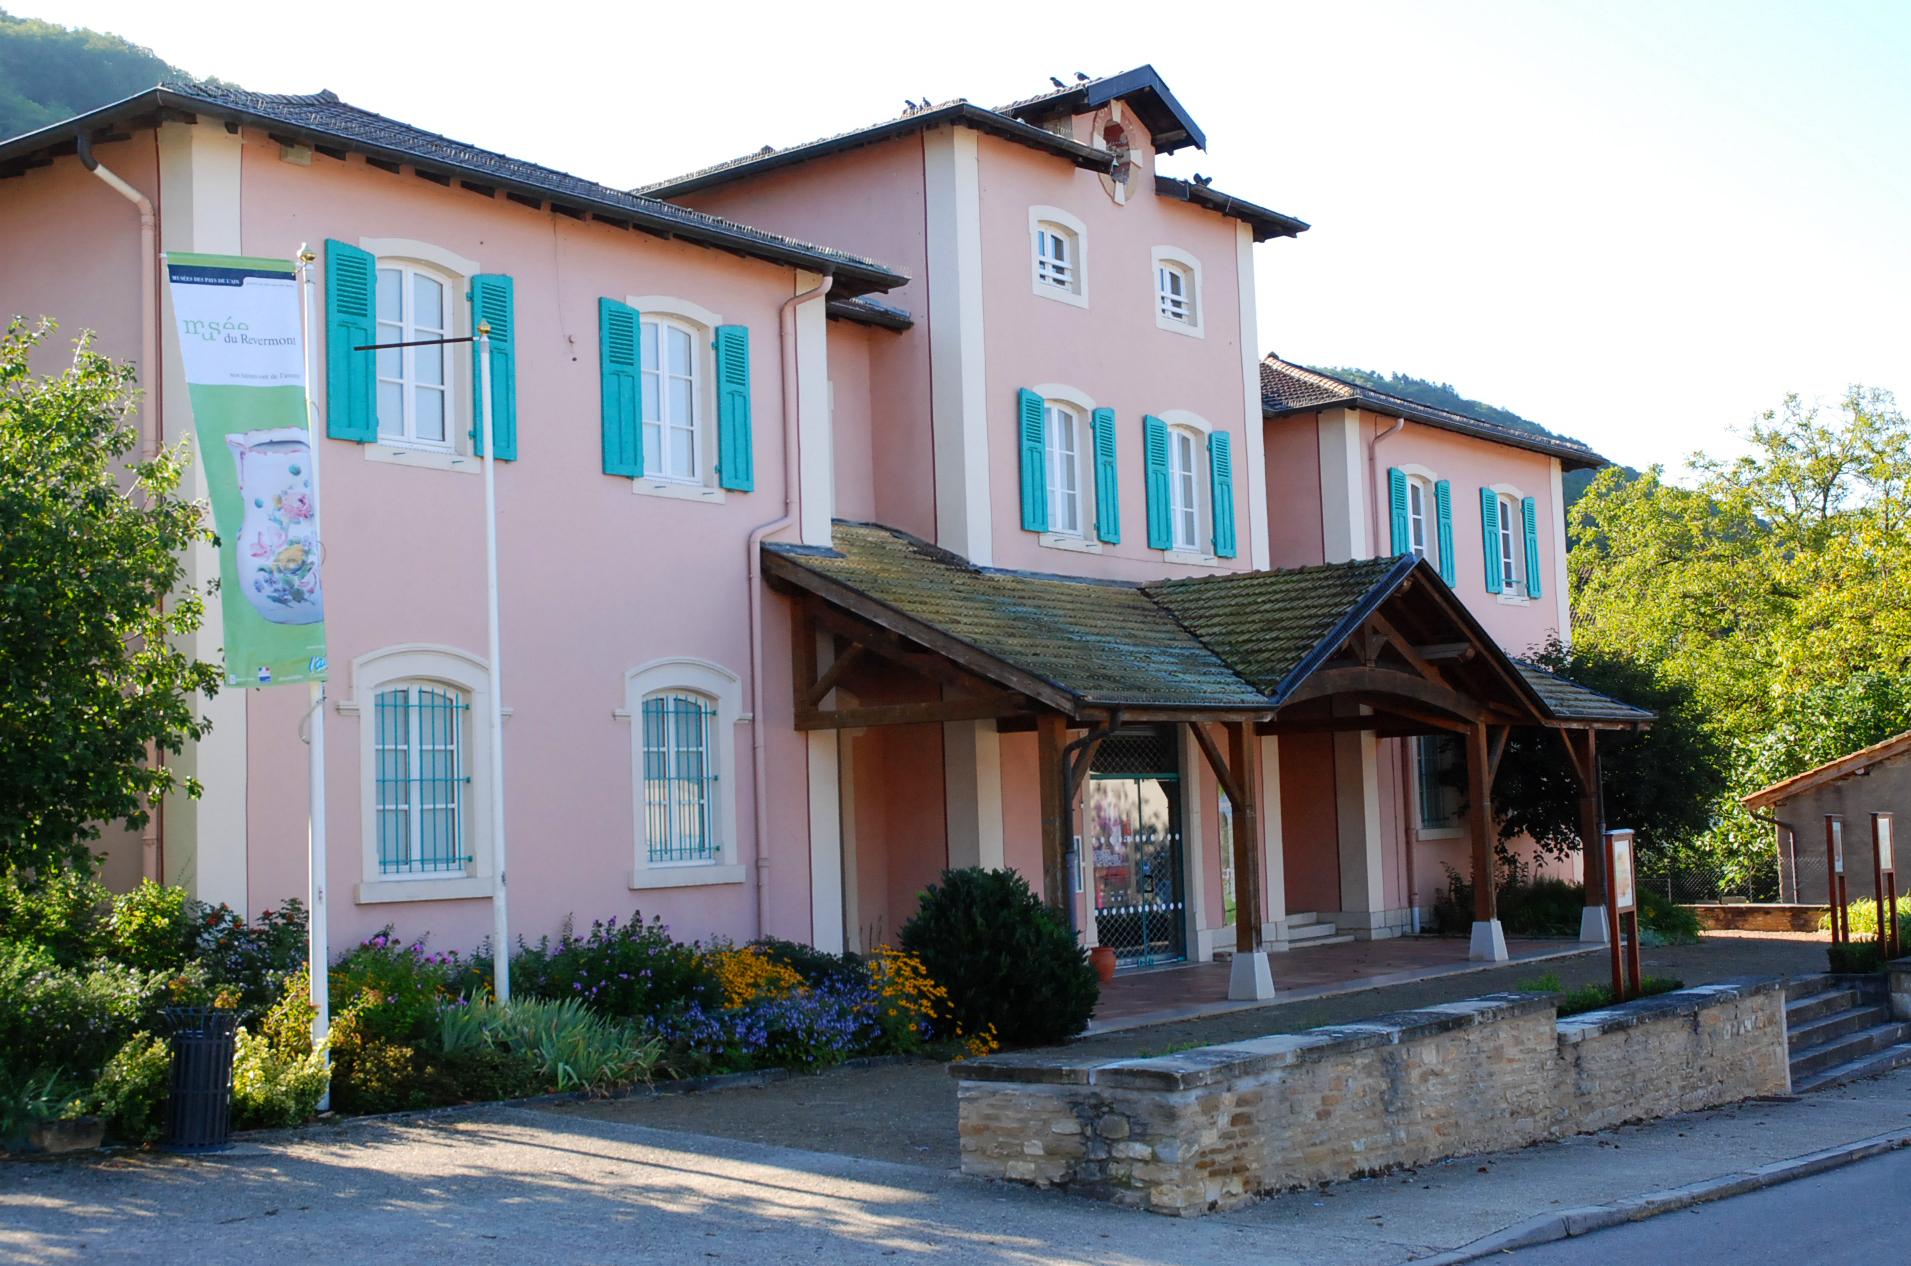 Musée départemental du Revermont, Cuisiat (01 France)